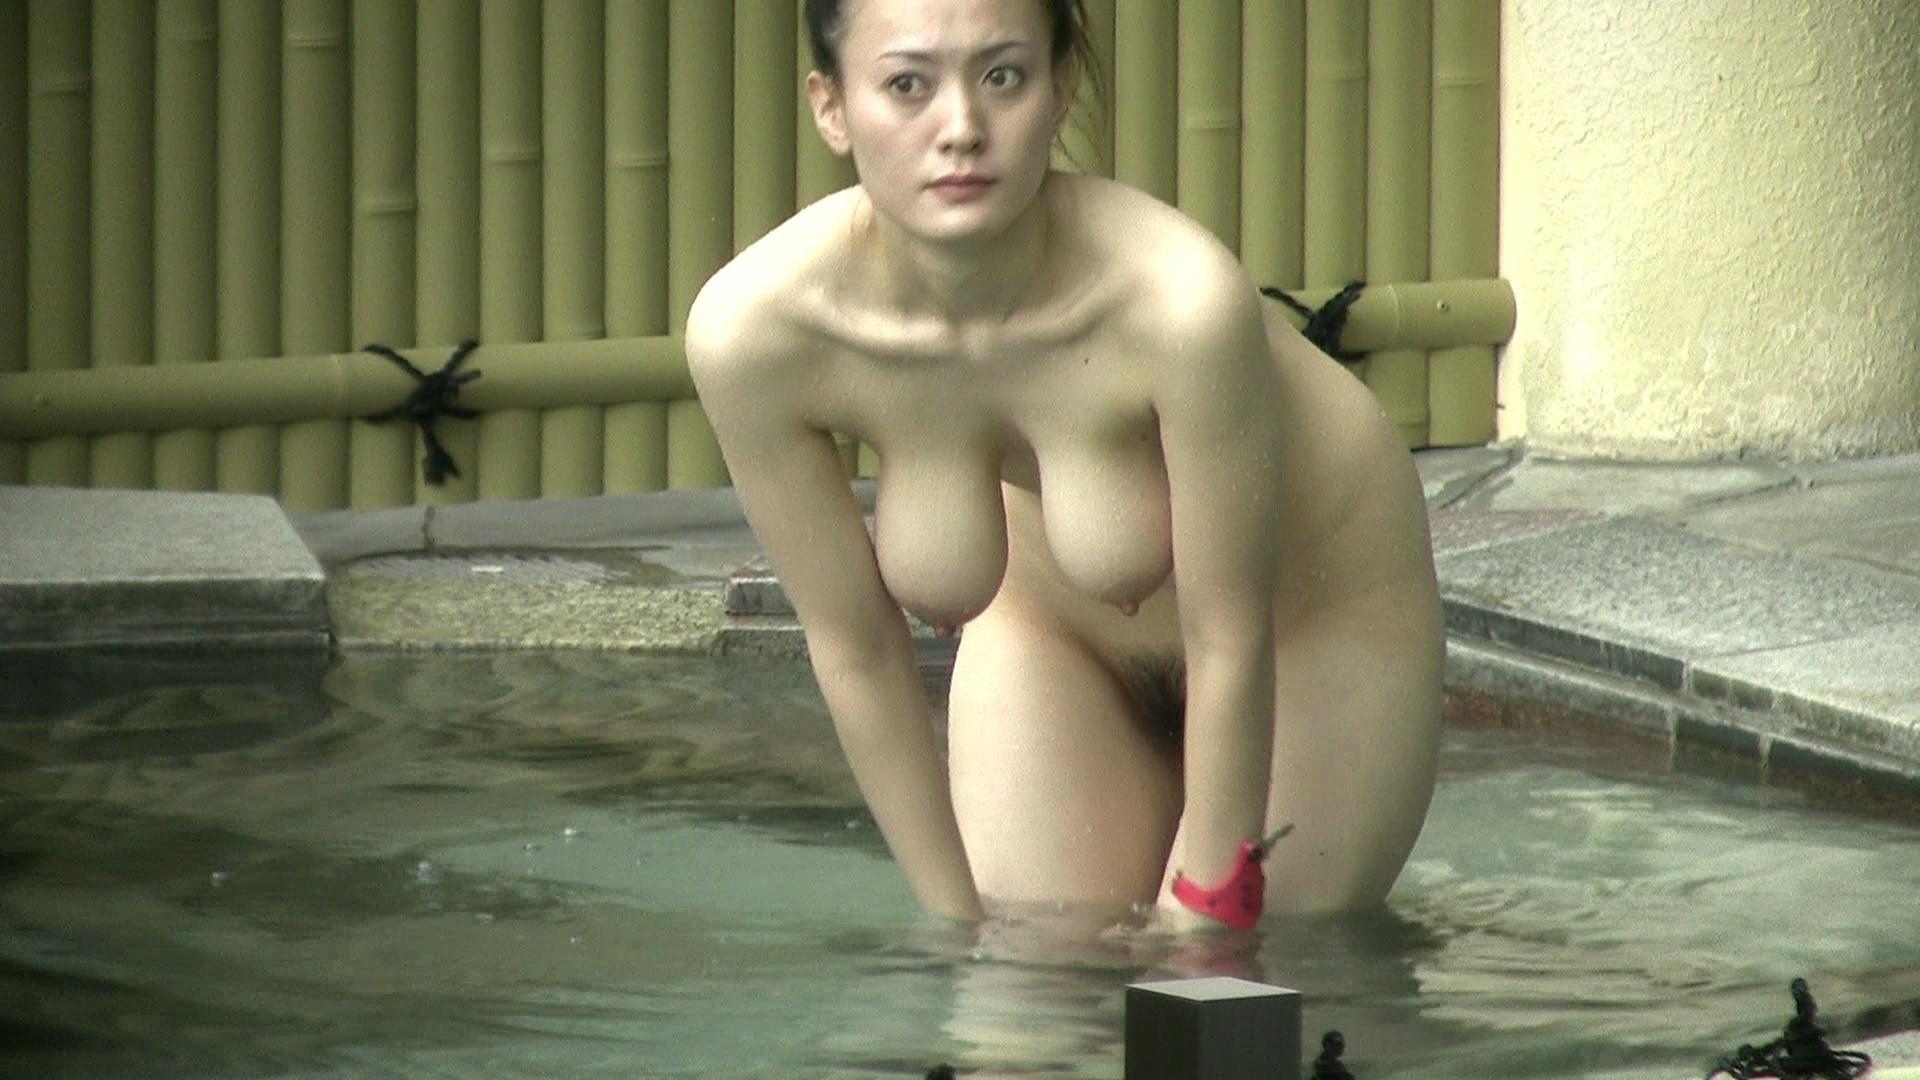 露天 盗撮 ... 露天風呂_素人_おっぱい盗撮画像01